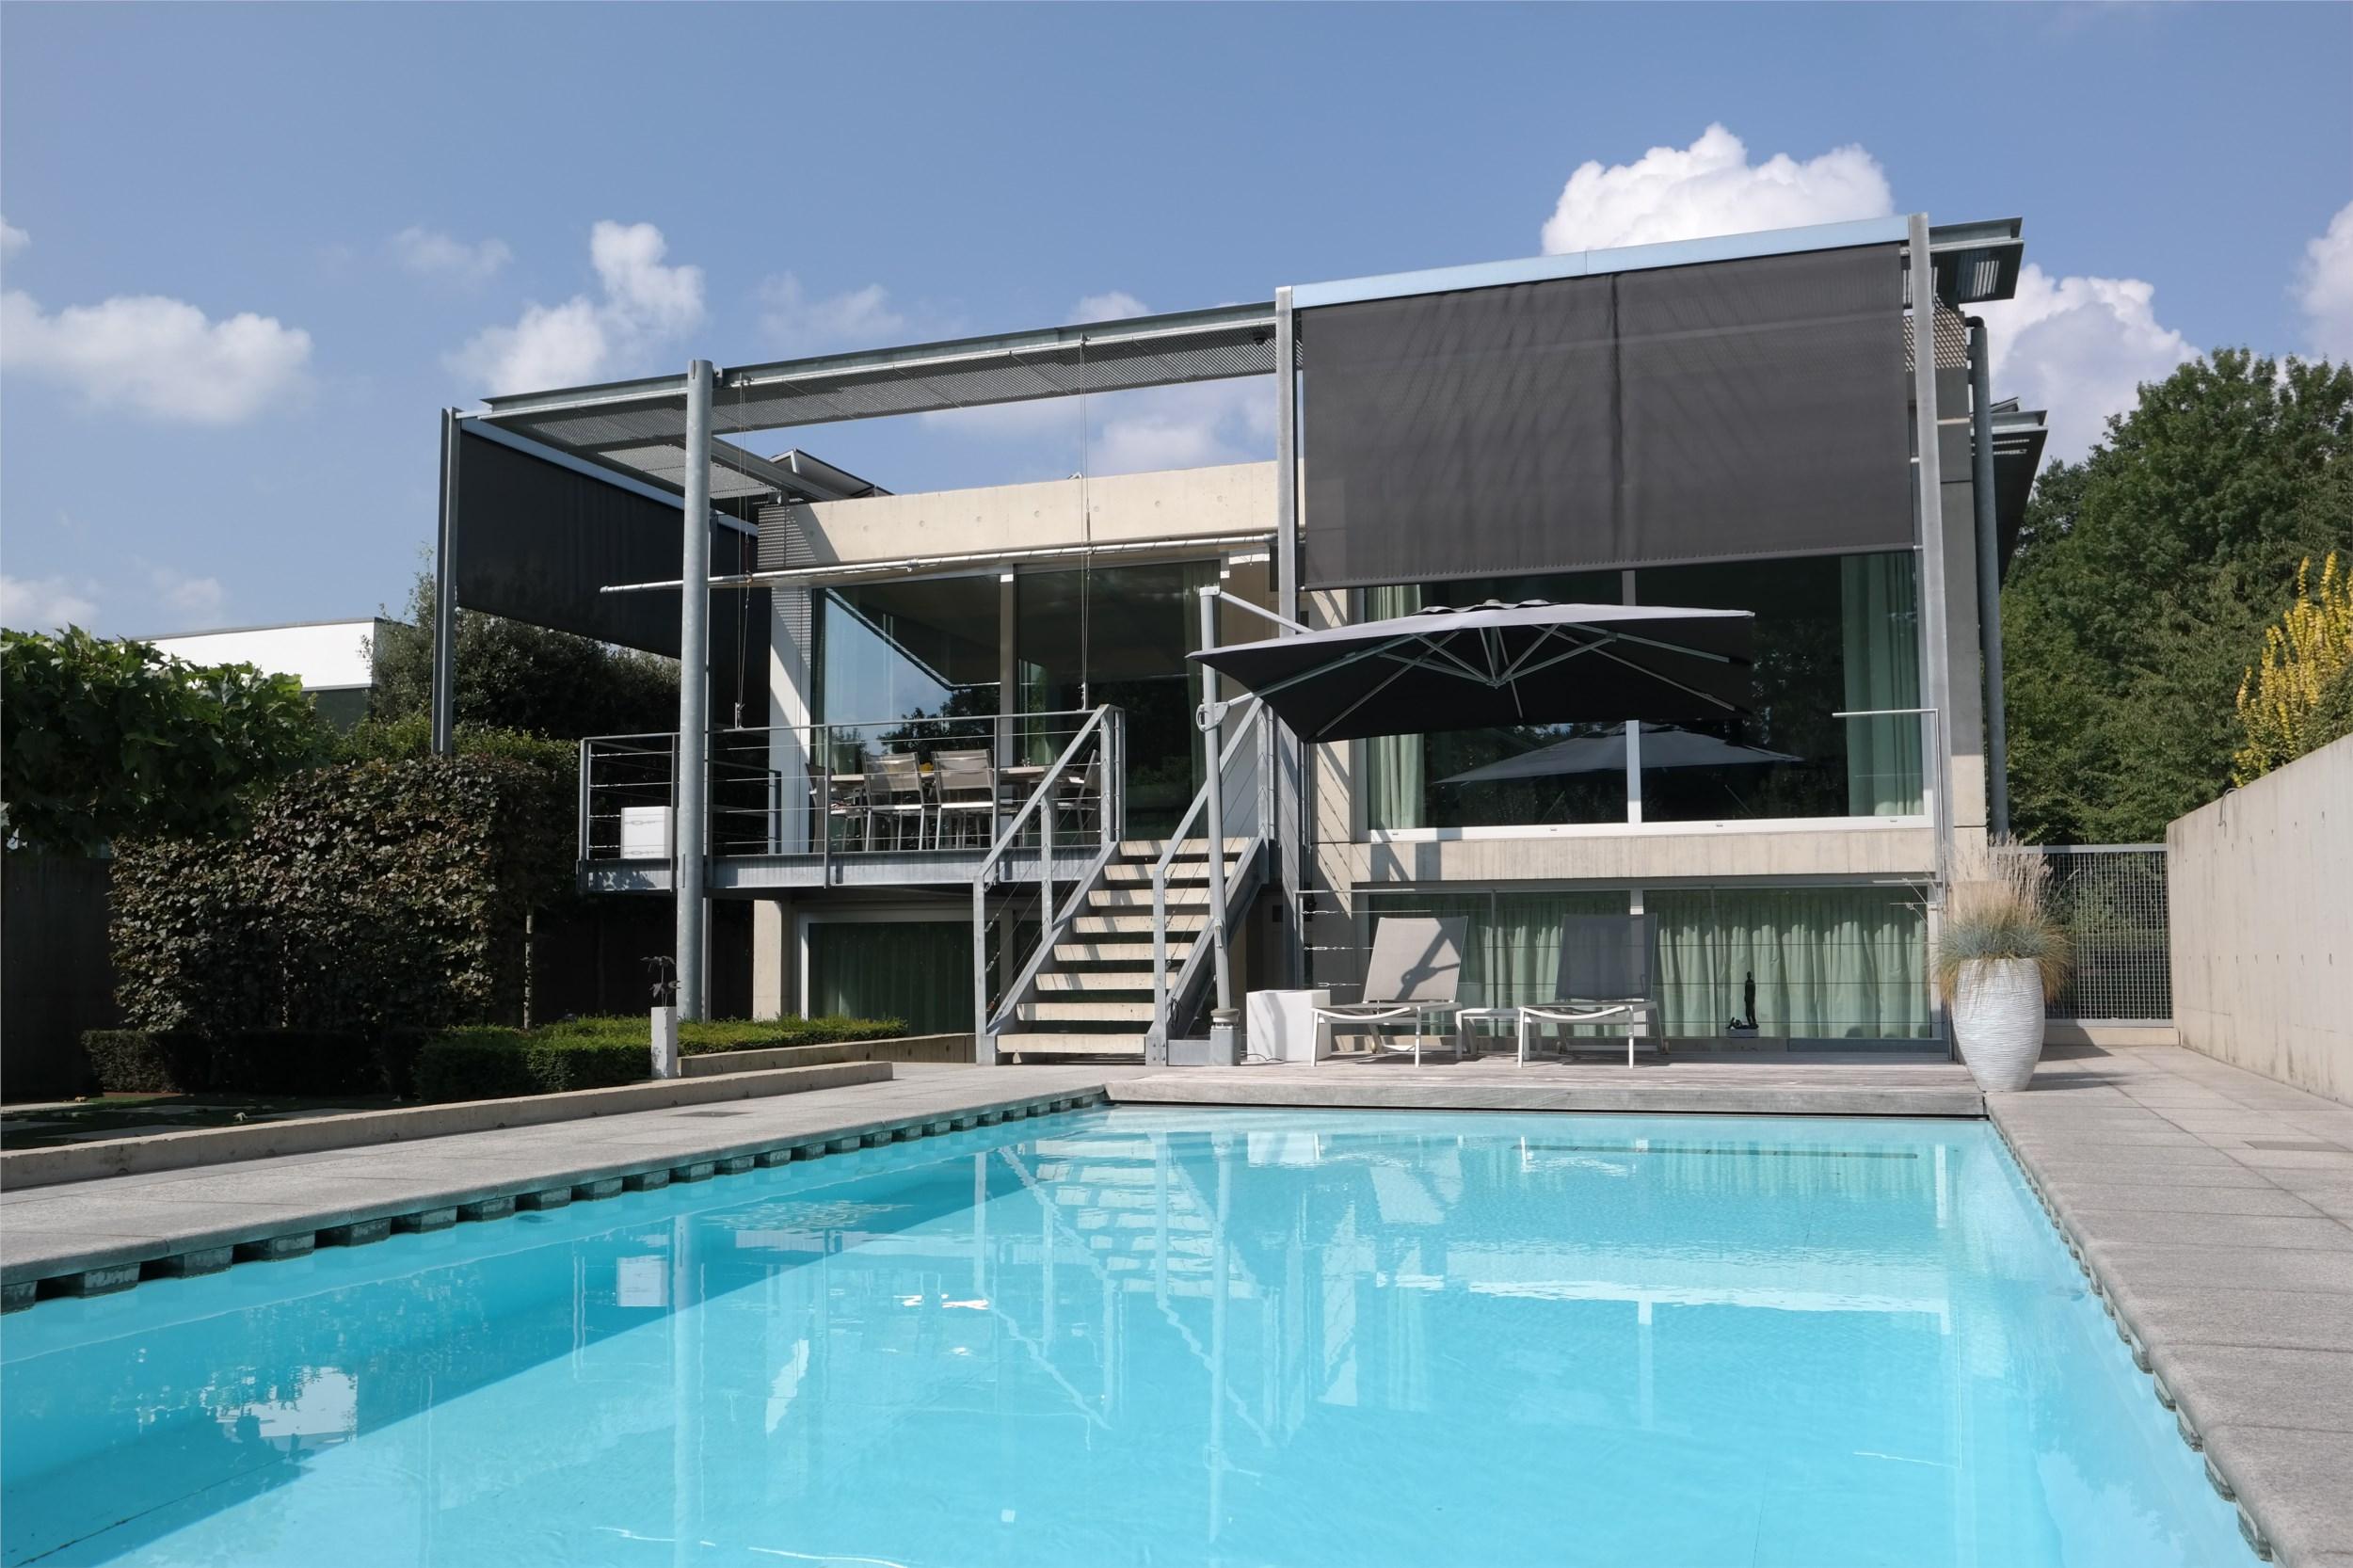 Zwembad In Huis : 5 x huis met zwembad makelaarsland